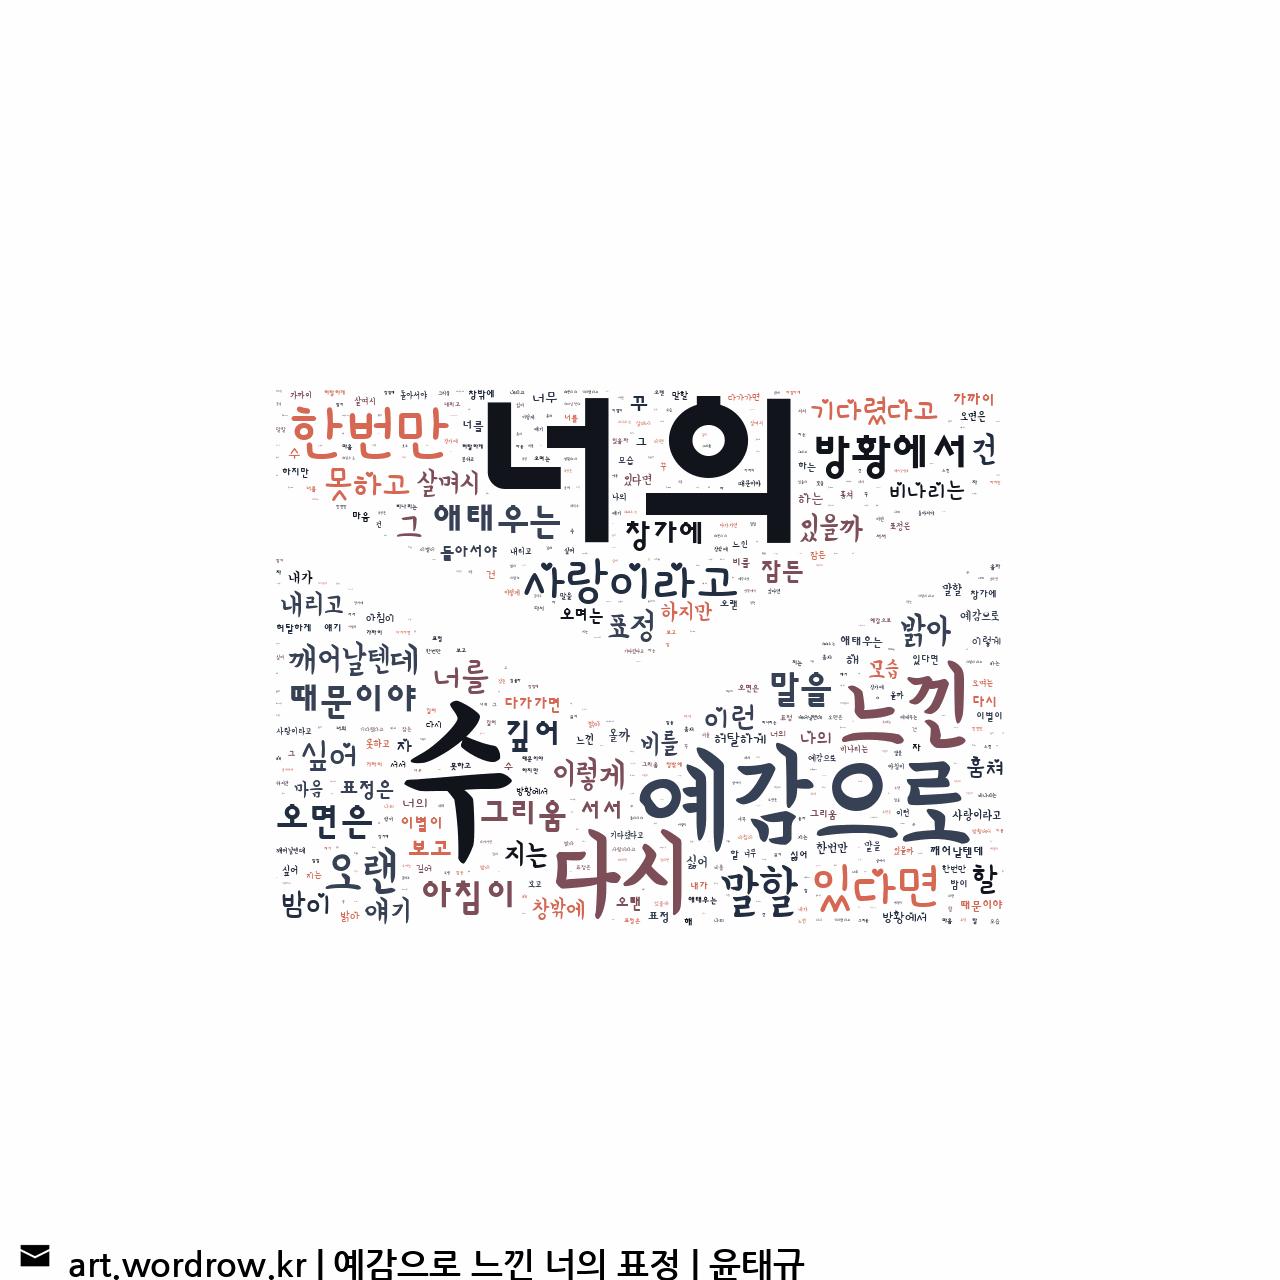 워드 아트: 예감으로 느낀 너의 표정 [윤태규]-33